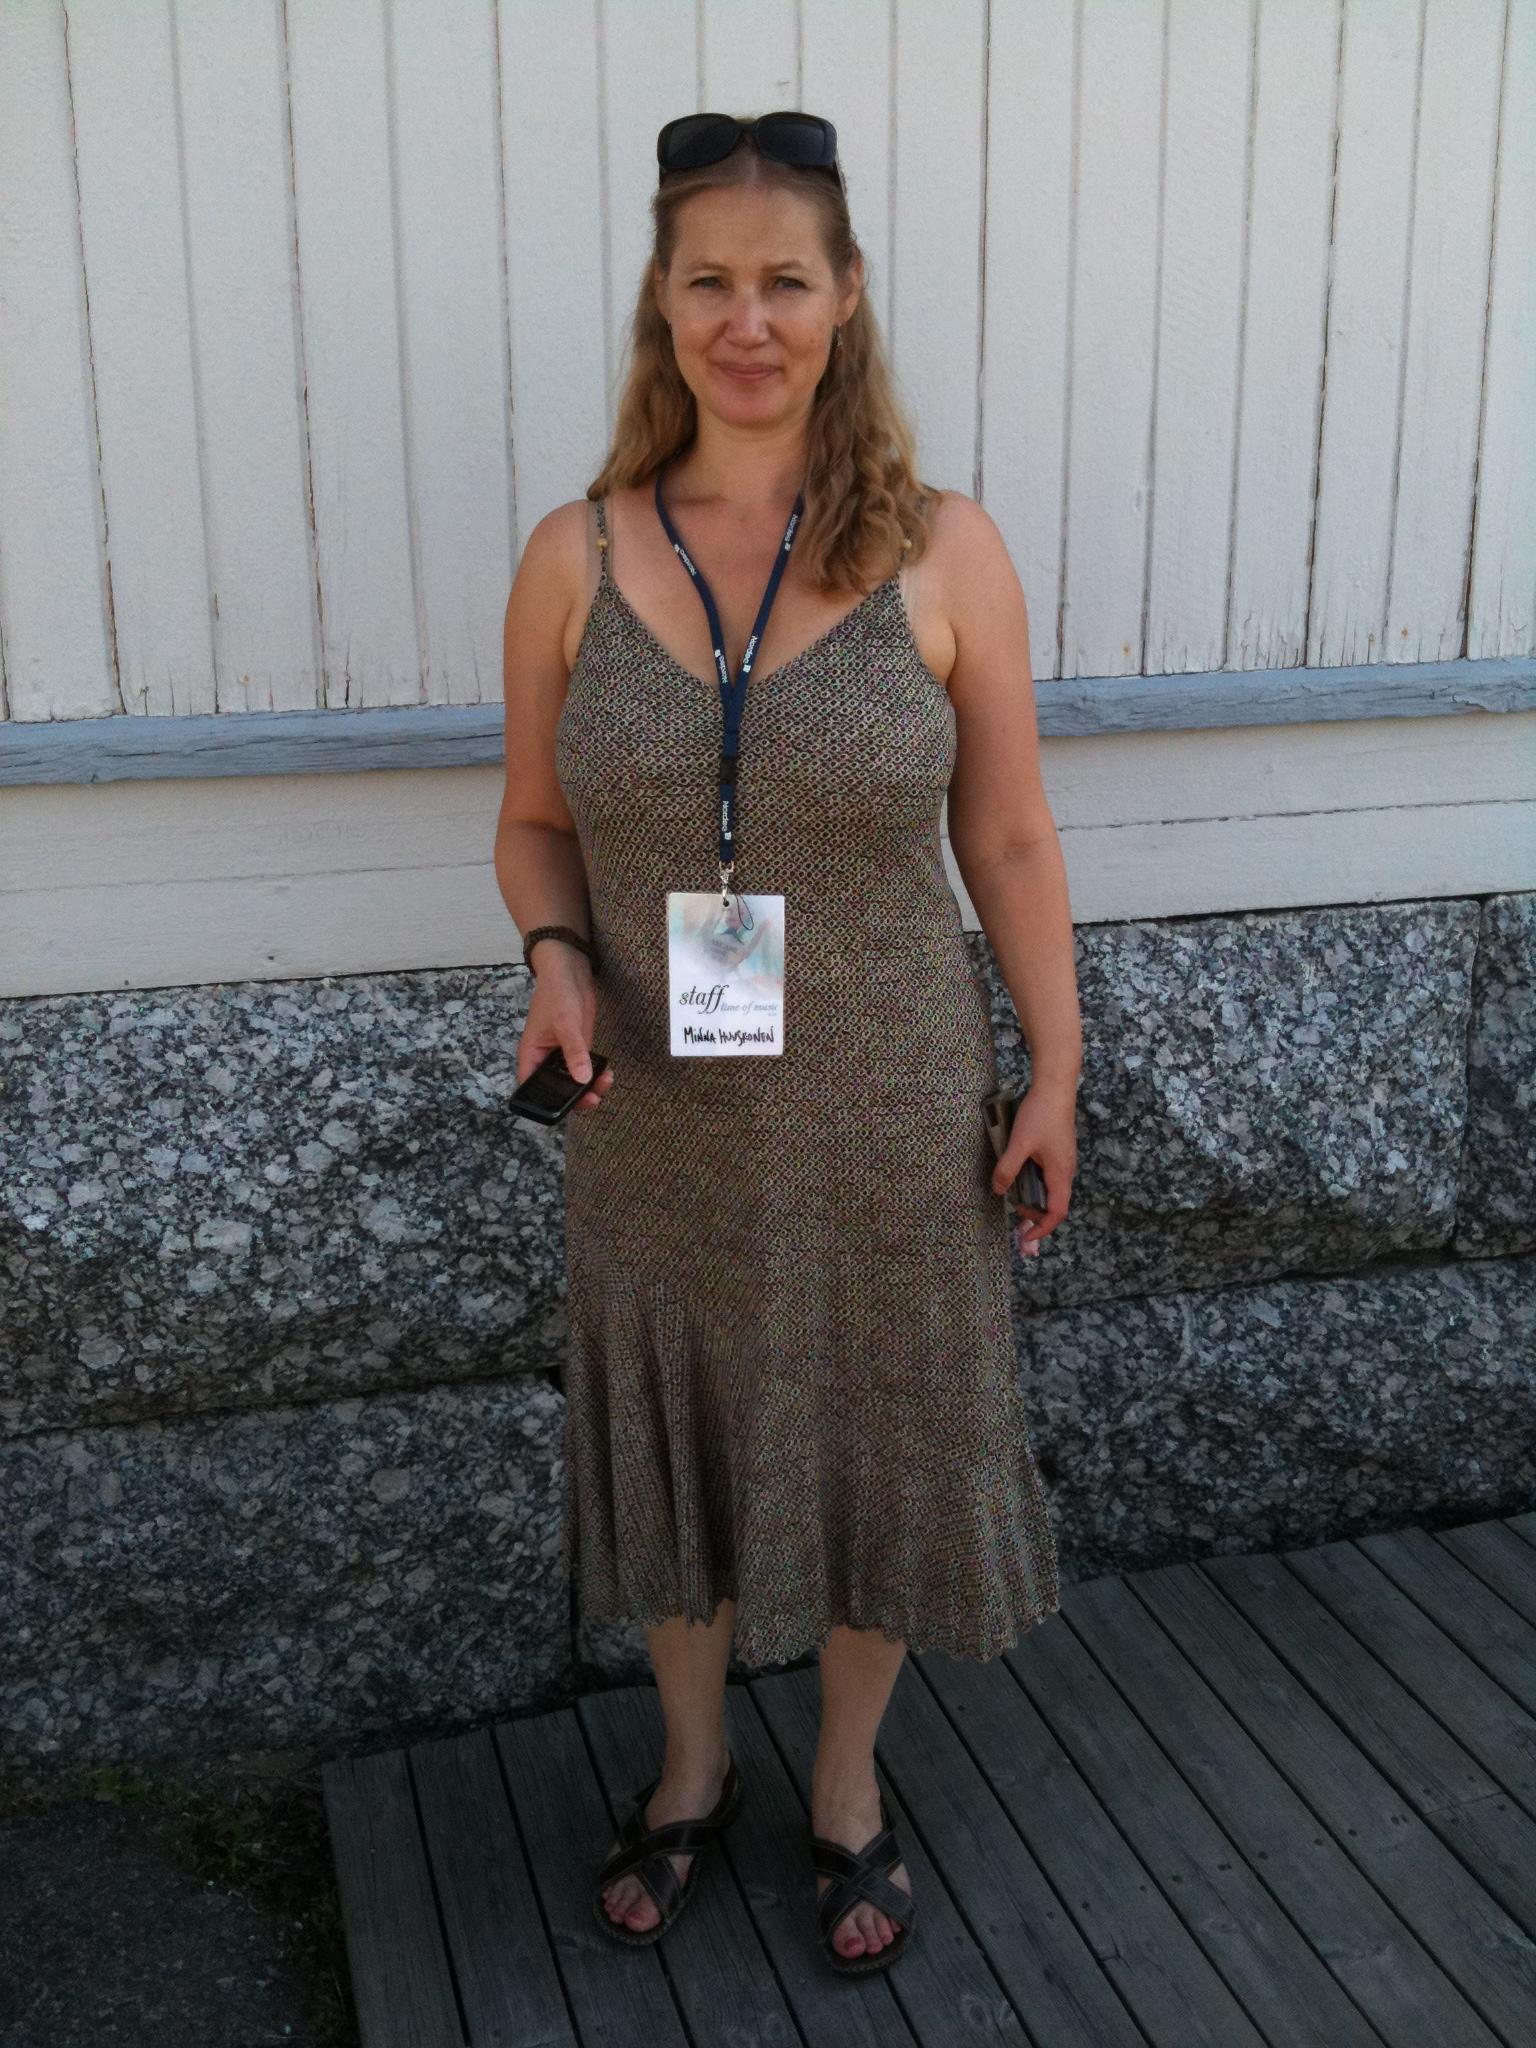 Ny musik i det finska sjöriket – Minna Huuskonen om Time of Music i Viitasaari